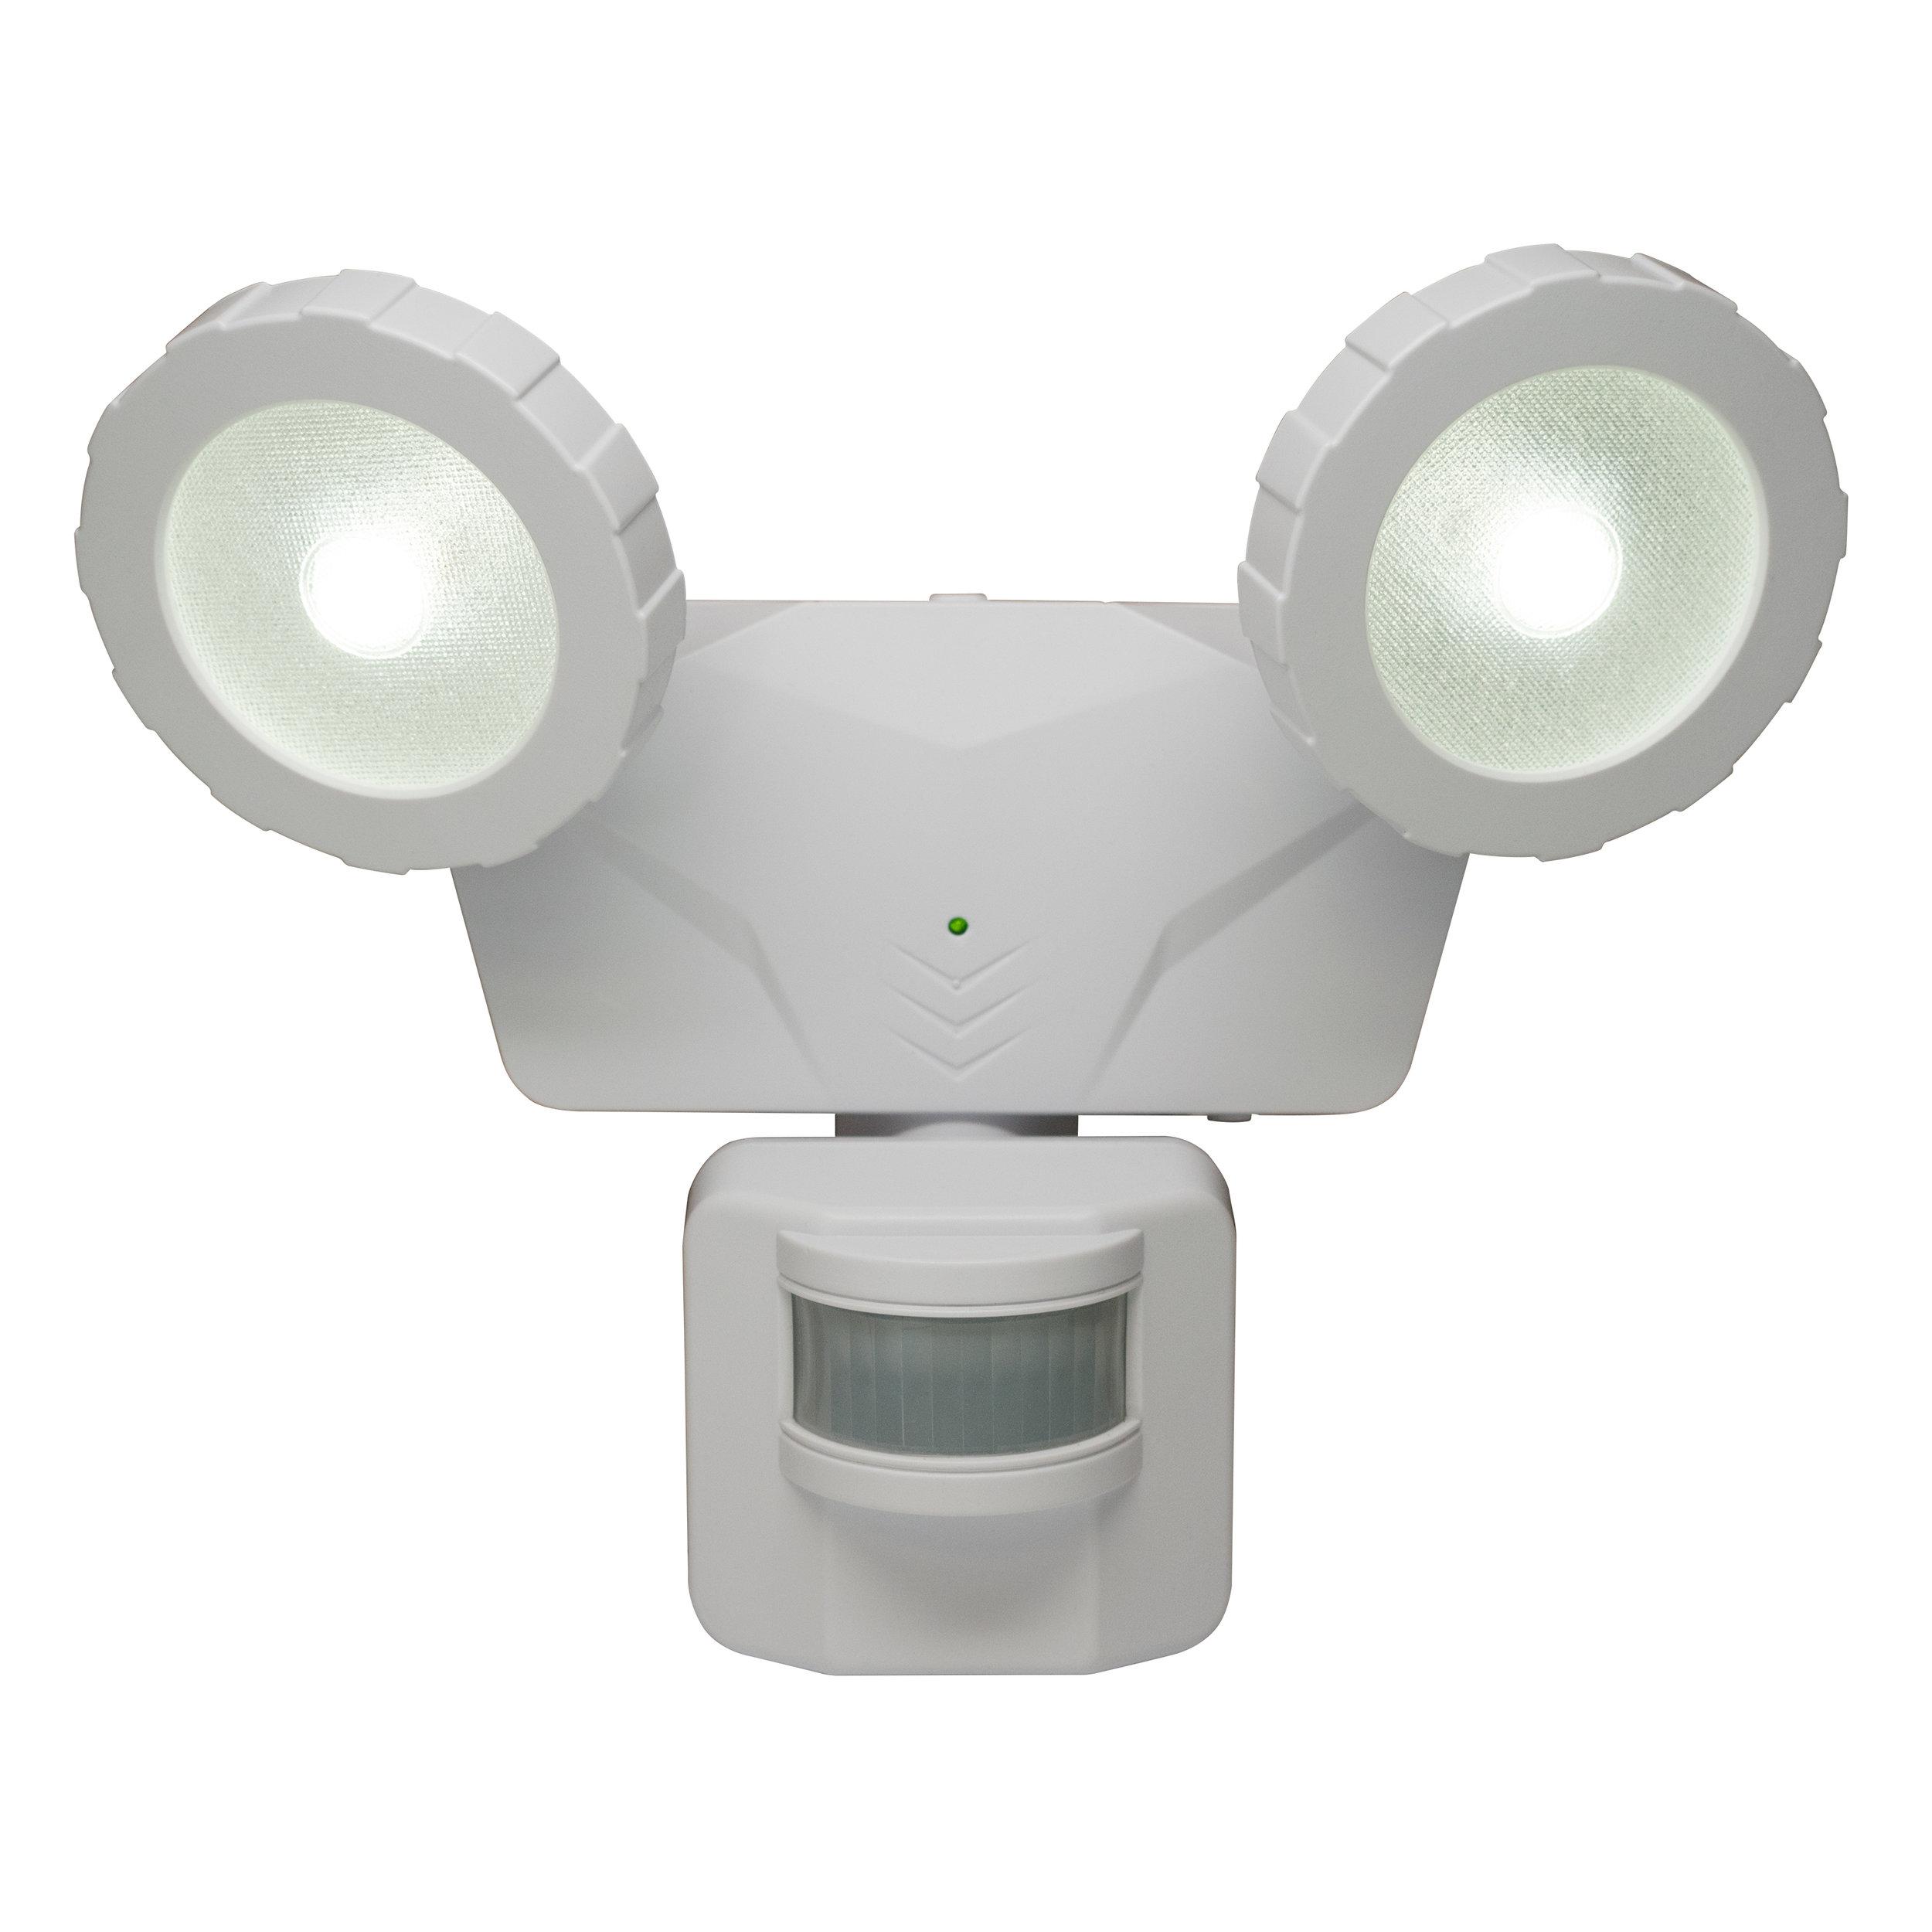 Novolink NL-DSW1 Solar Security Light, Front